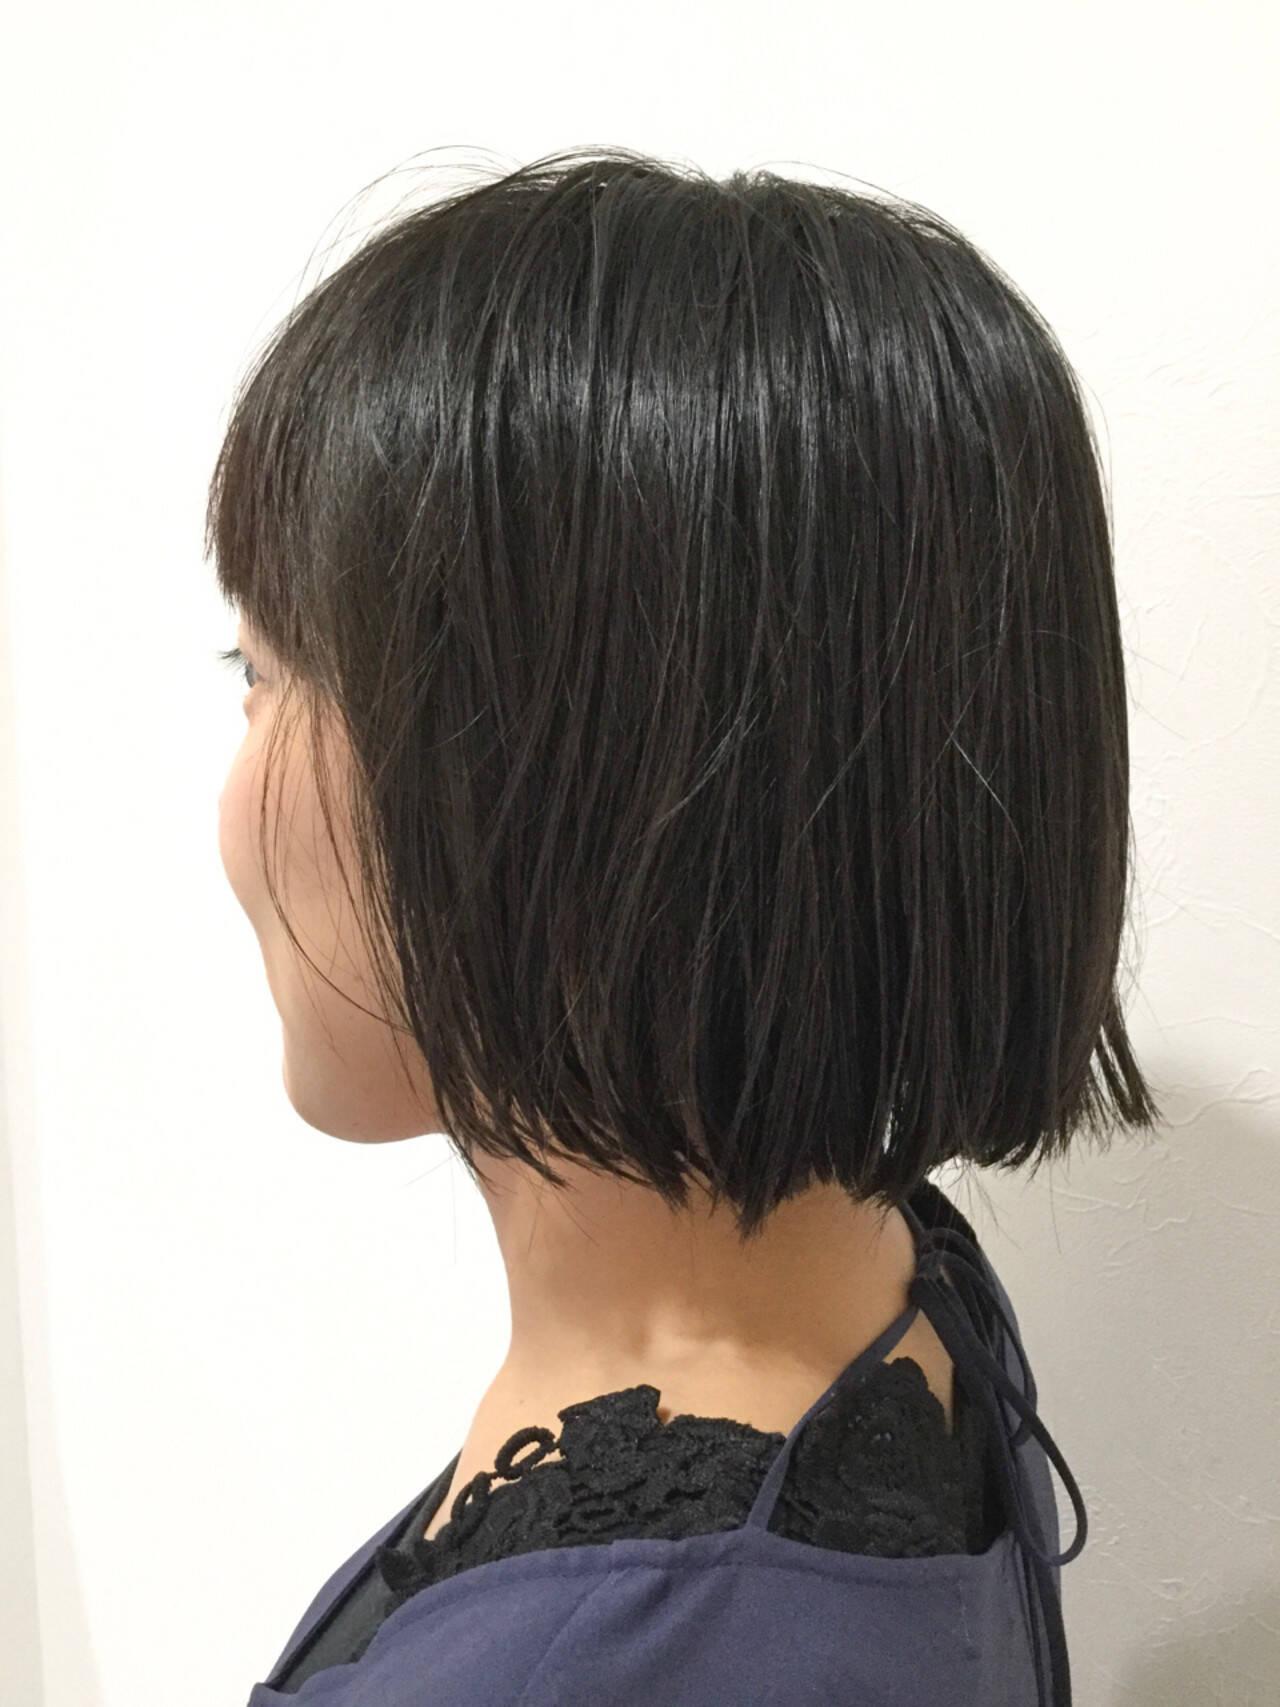 ボブ 黒髪 簡単 ナチュラルヘアスタイルや髪型の写真・画像